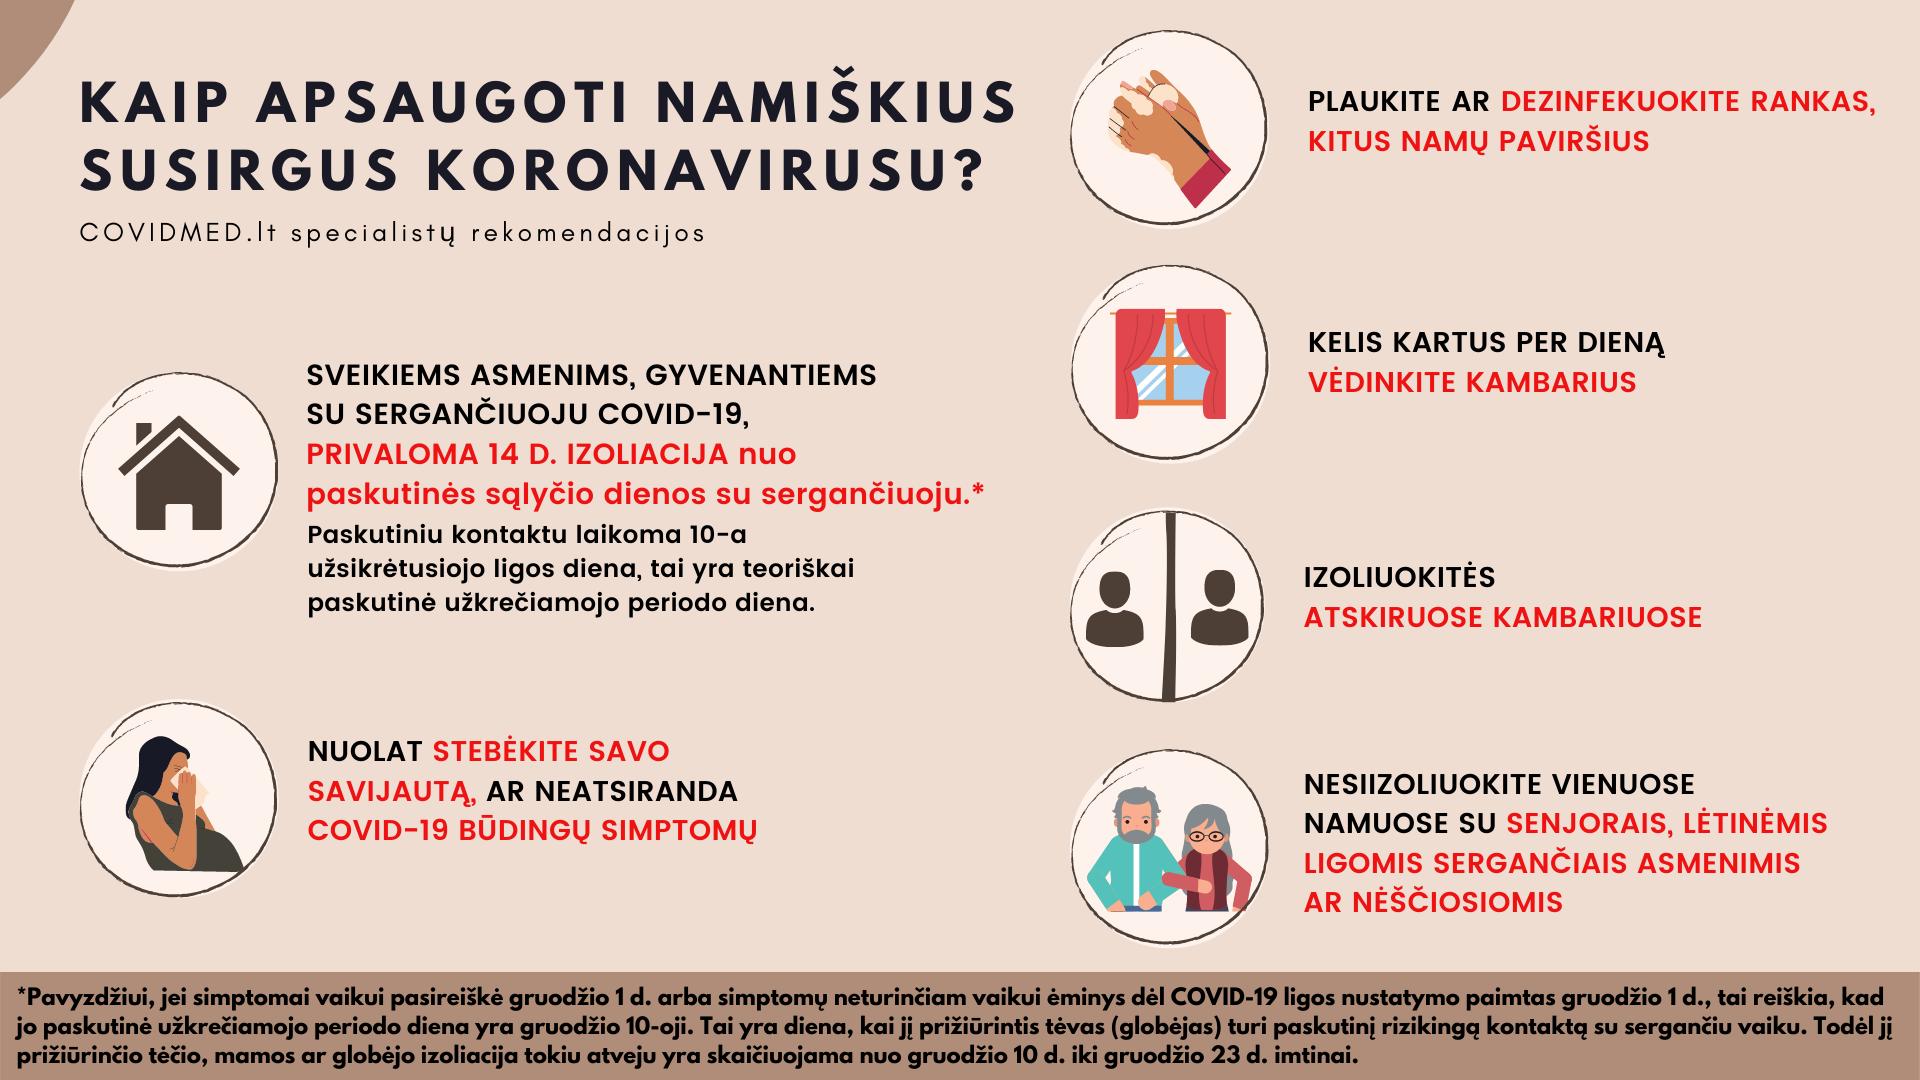 Plakatas apie apsaugą nuo koronaviruso